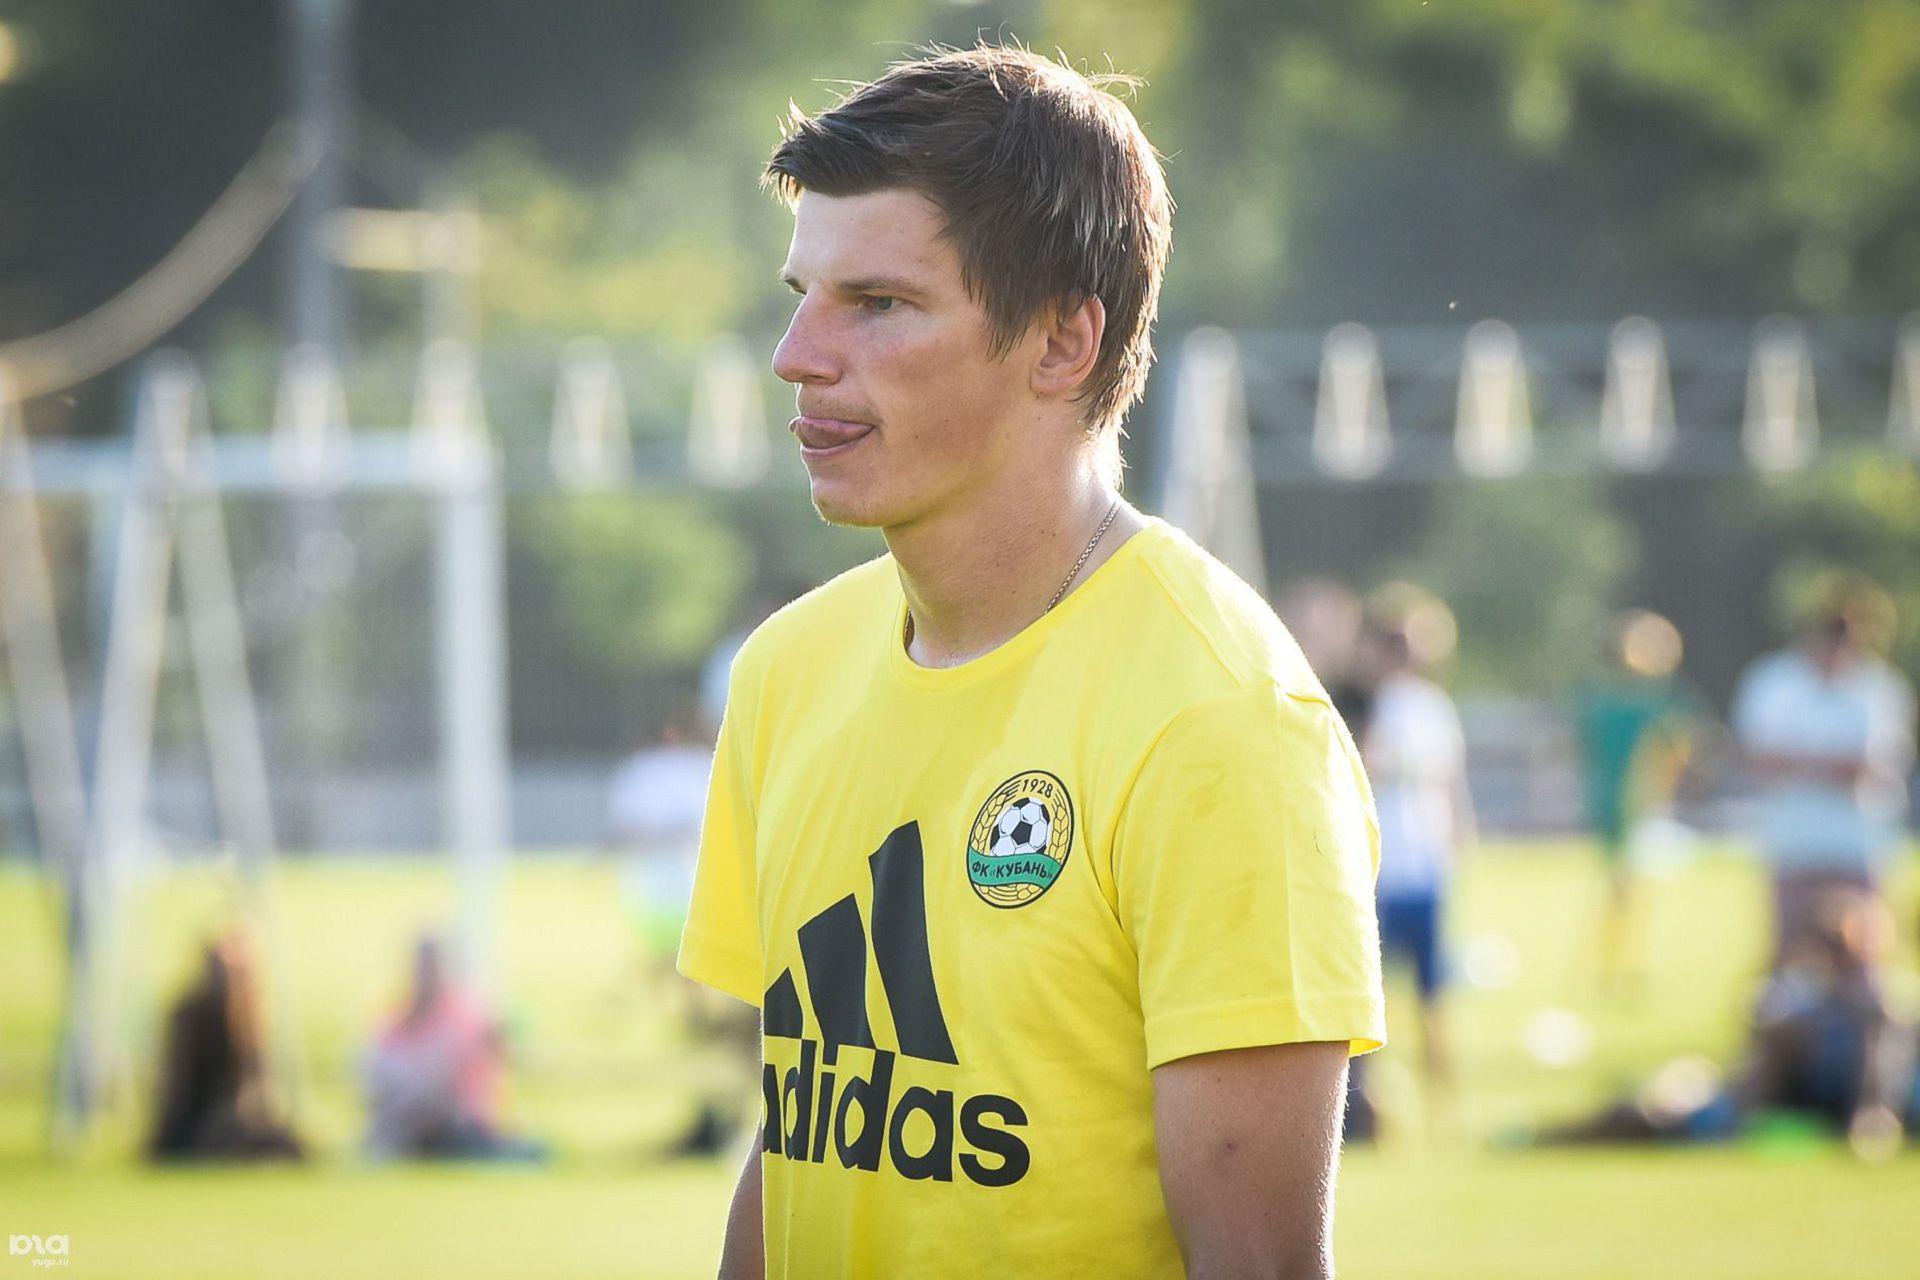 Андрей Аршавин в составе ФК «Кайрат» прибыл в Санкт-Петербург